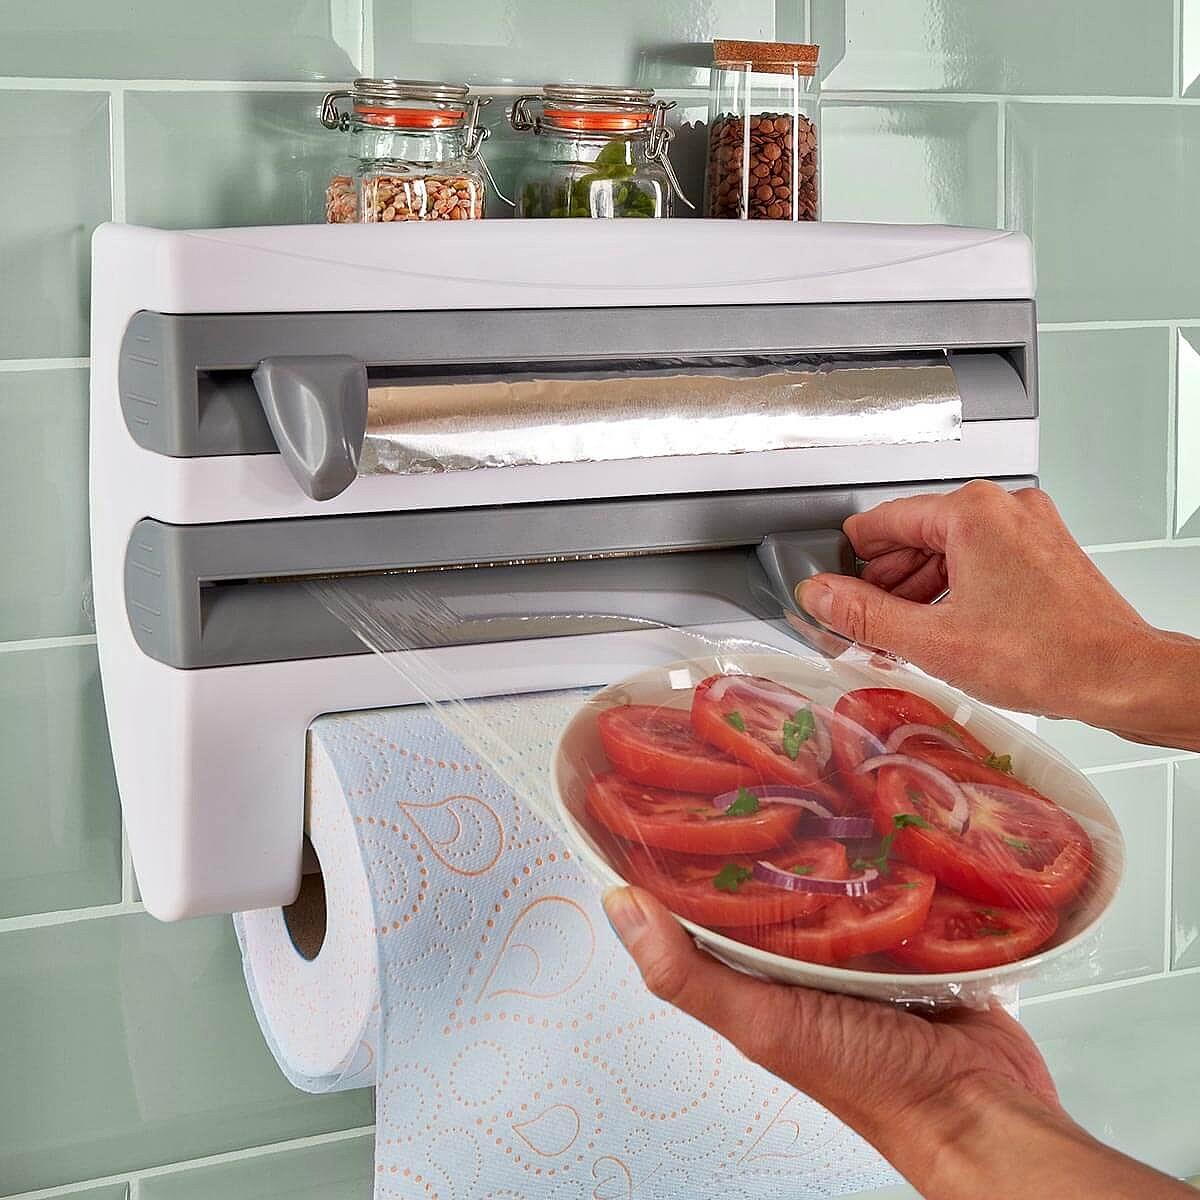 3-In-1 Kitchen Dispenser